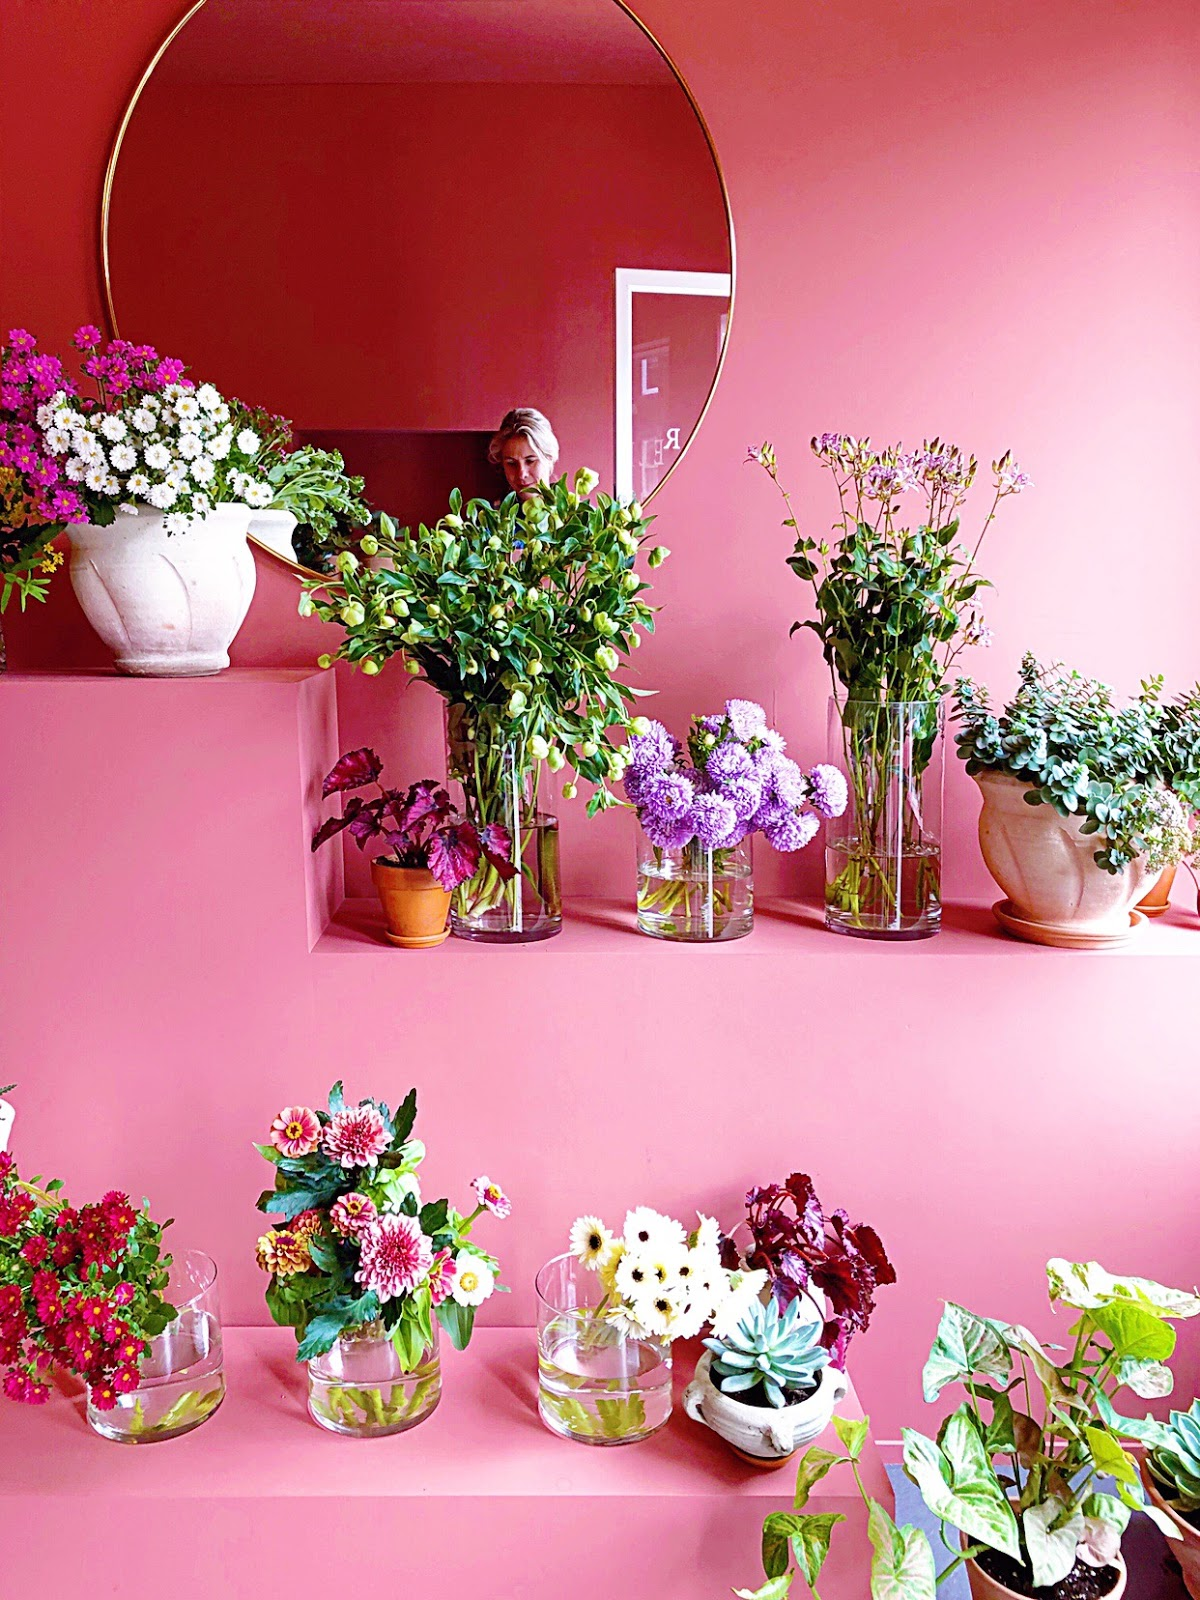 Rincón rosa y flores de película. Parte 2